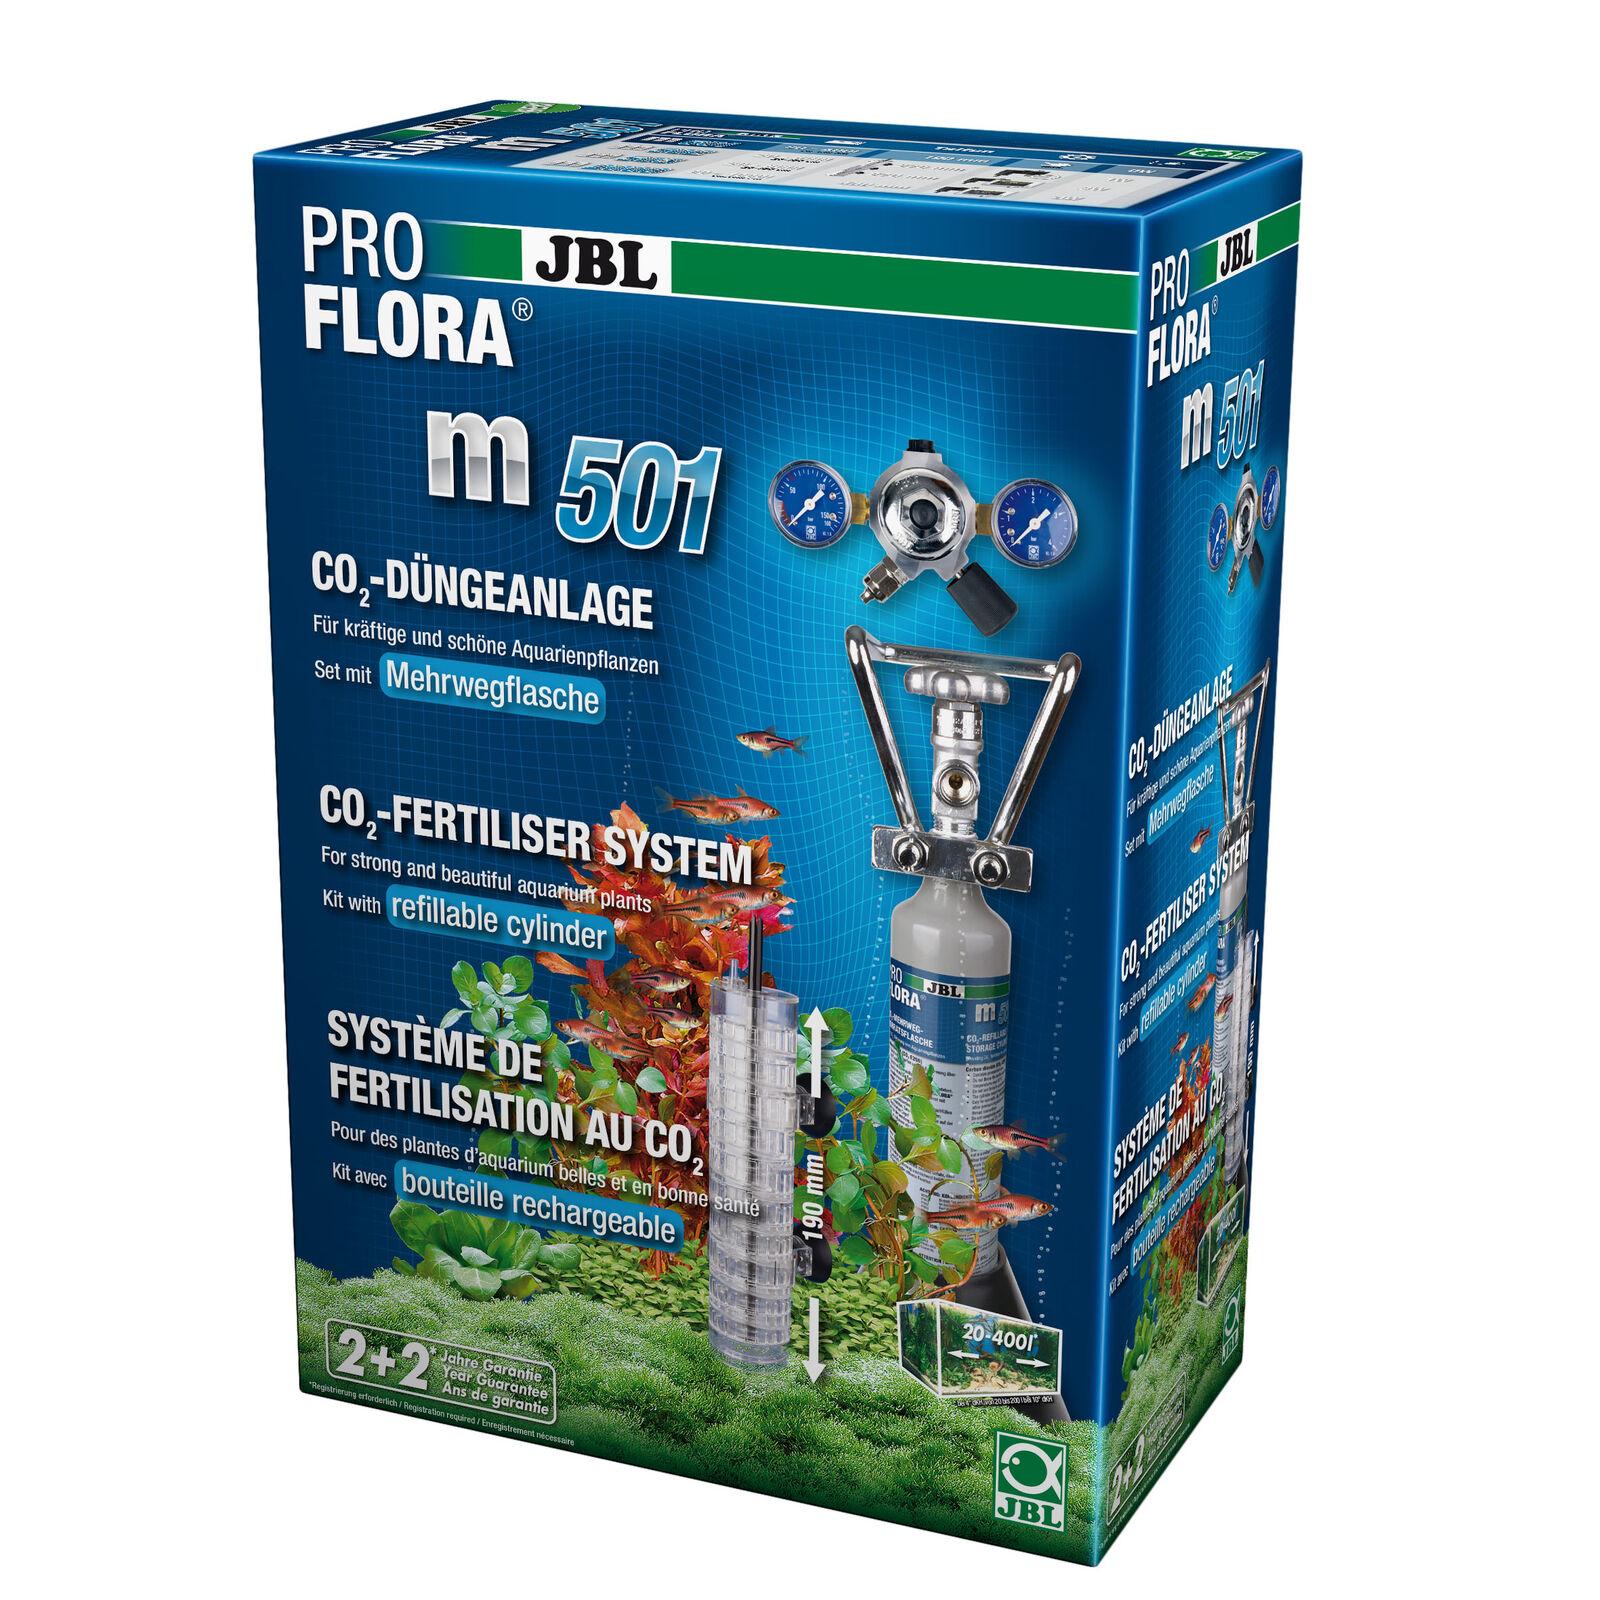 JBL pro Flora M501, Komplettset-Pflanzendüngeanlage, Acquari fino 400 L L L c5be53